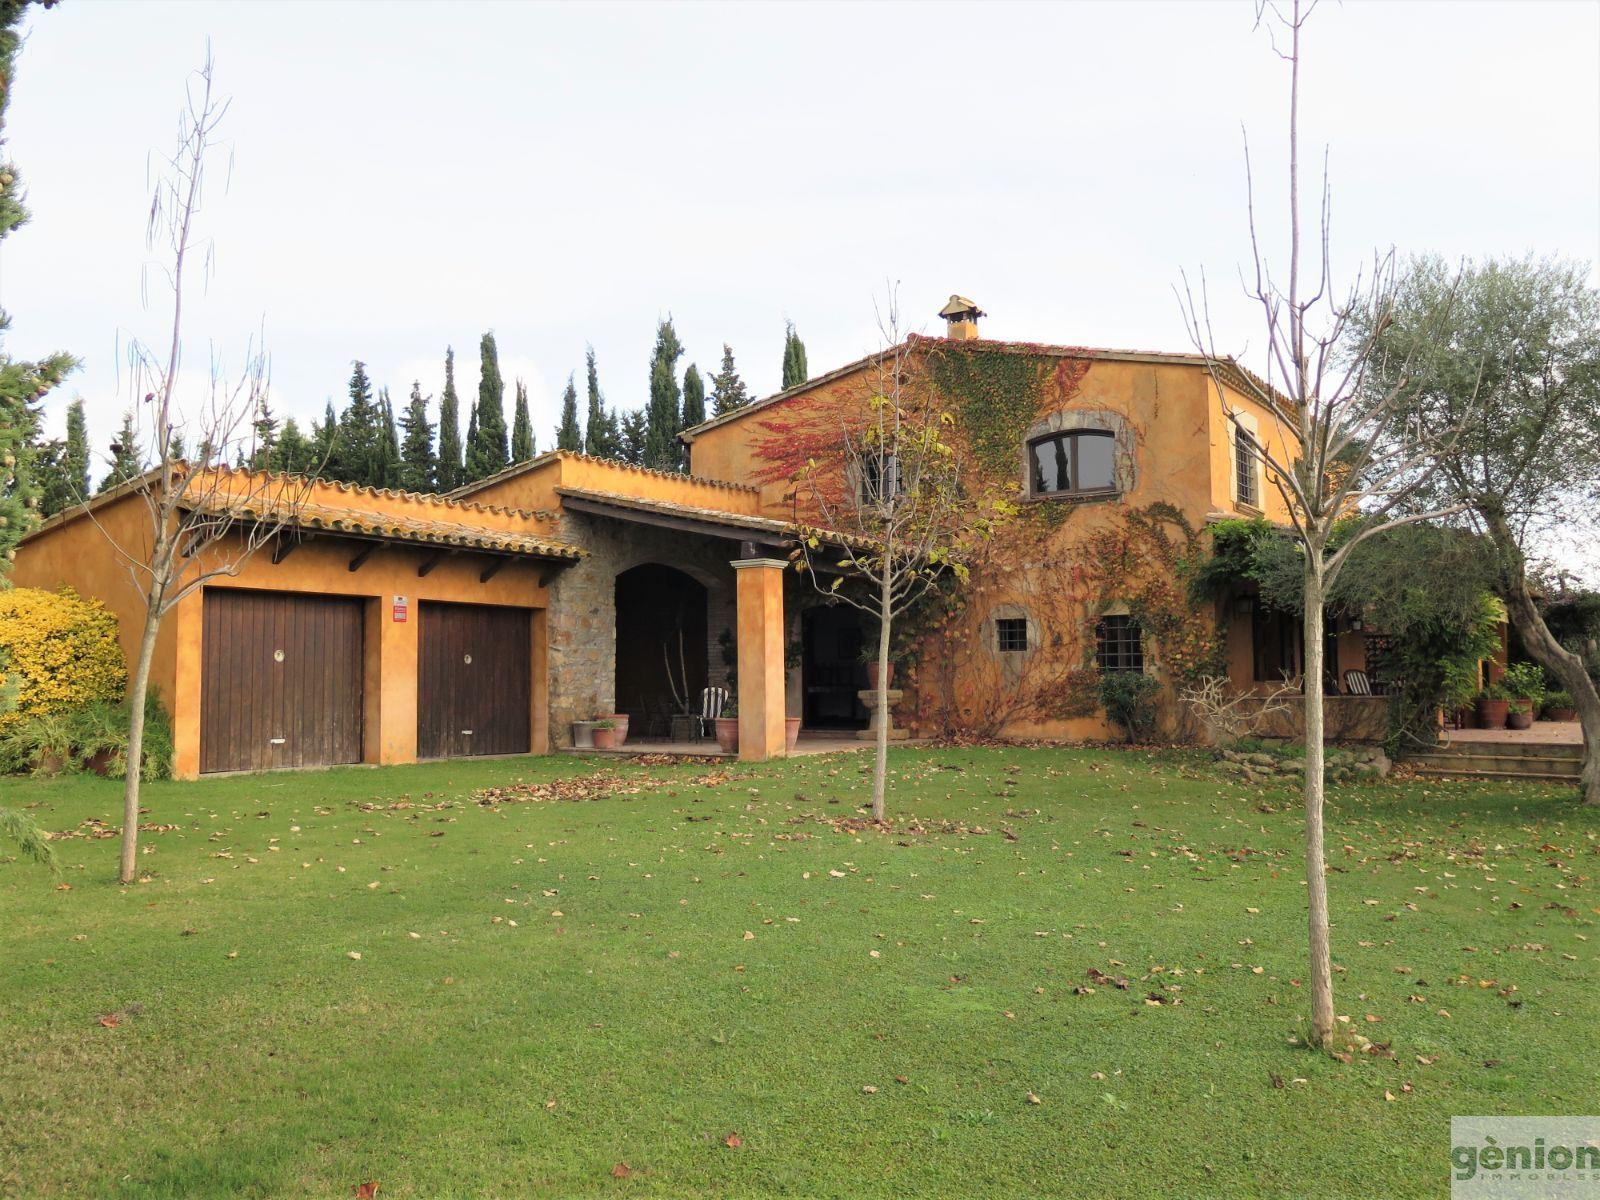 MASIA EN PALAFRUGELL, COSTA BRAVA. 490M² CONSTGRUIDOS Y 11.969M² DE TERRENO